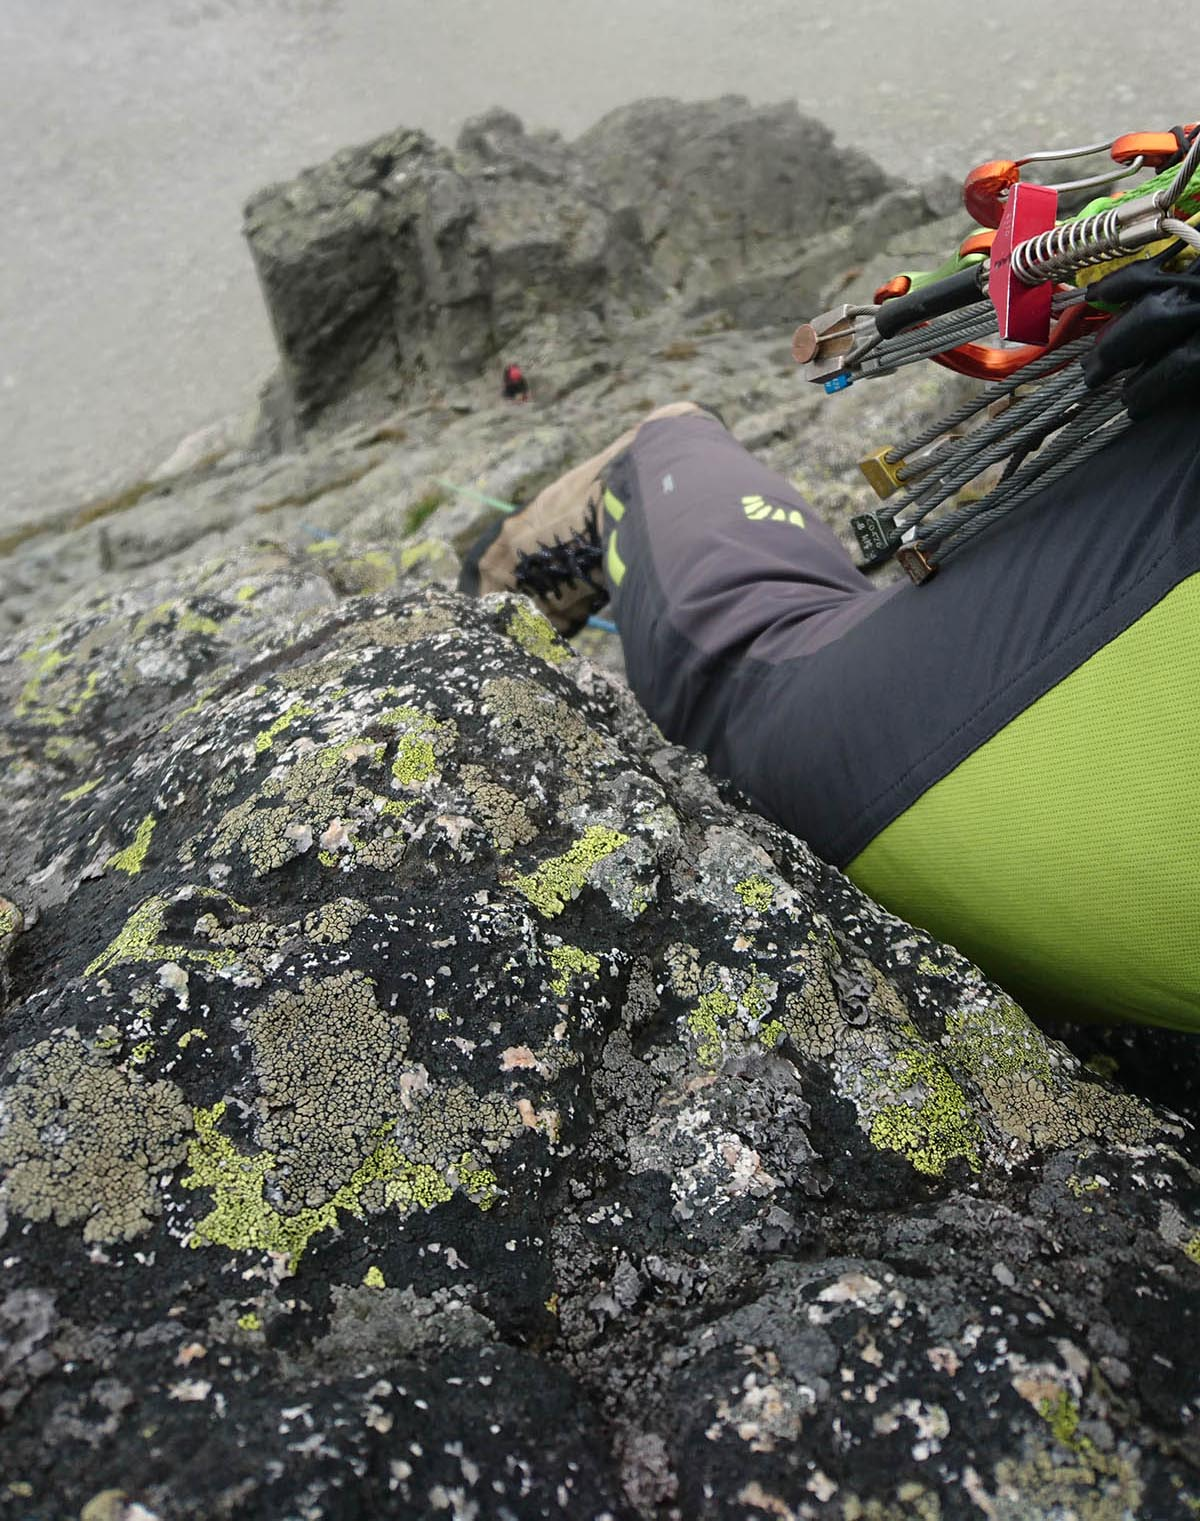 Horolezecké nohavice Karpos rock Fly pants v ceste na Baranie rohy, Šádek (Šdádeková cesta)